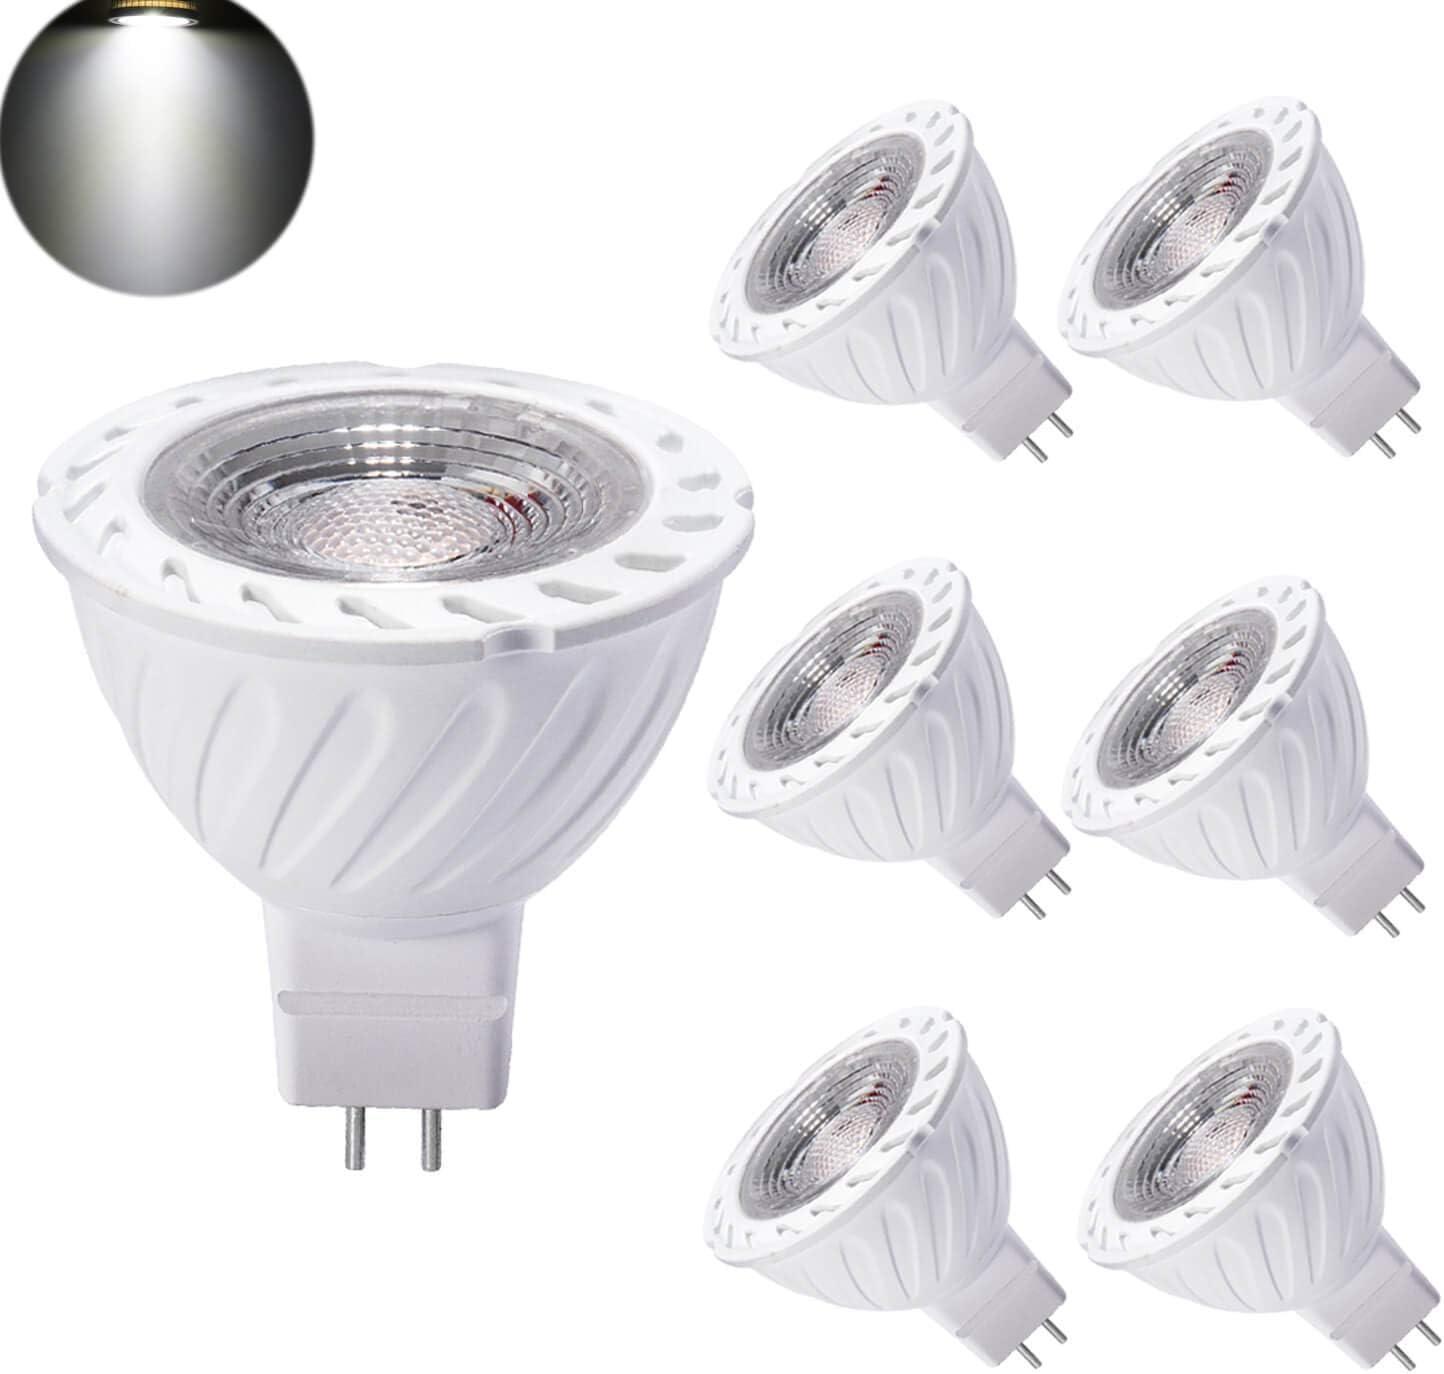 Yafido Bombilla LED GU5.3 MR16 12V Blanco Frio 7W Equivalente a Halogeno 50W Spot Luz 6000K GU 5.3 Foco Ojo de Buey COB 550Lumen Ø50 x 55mm Pack de 6